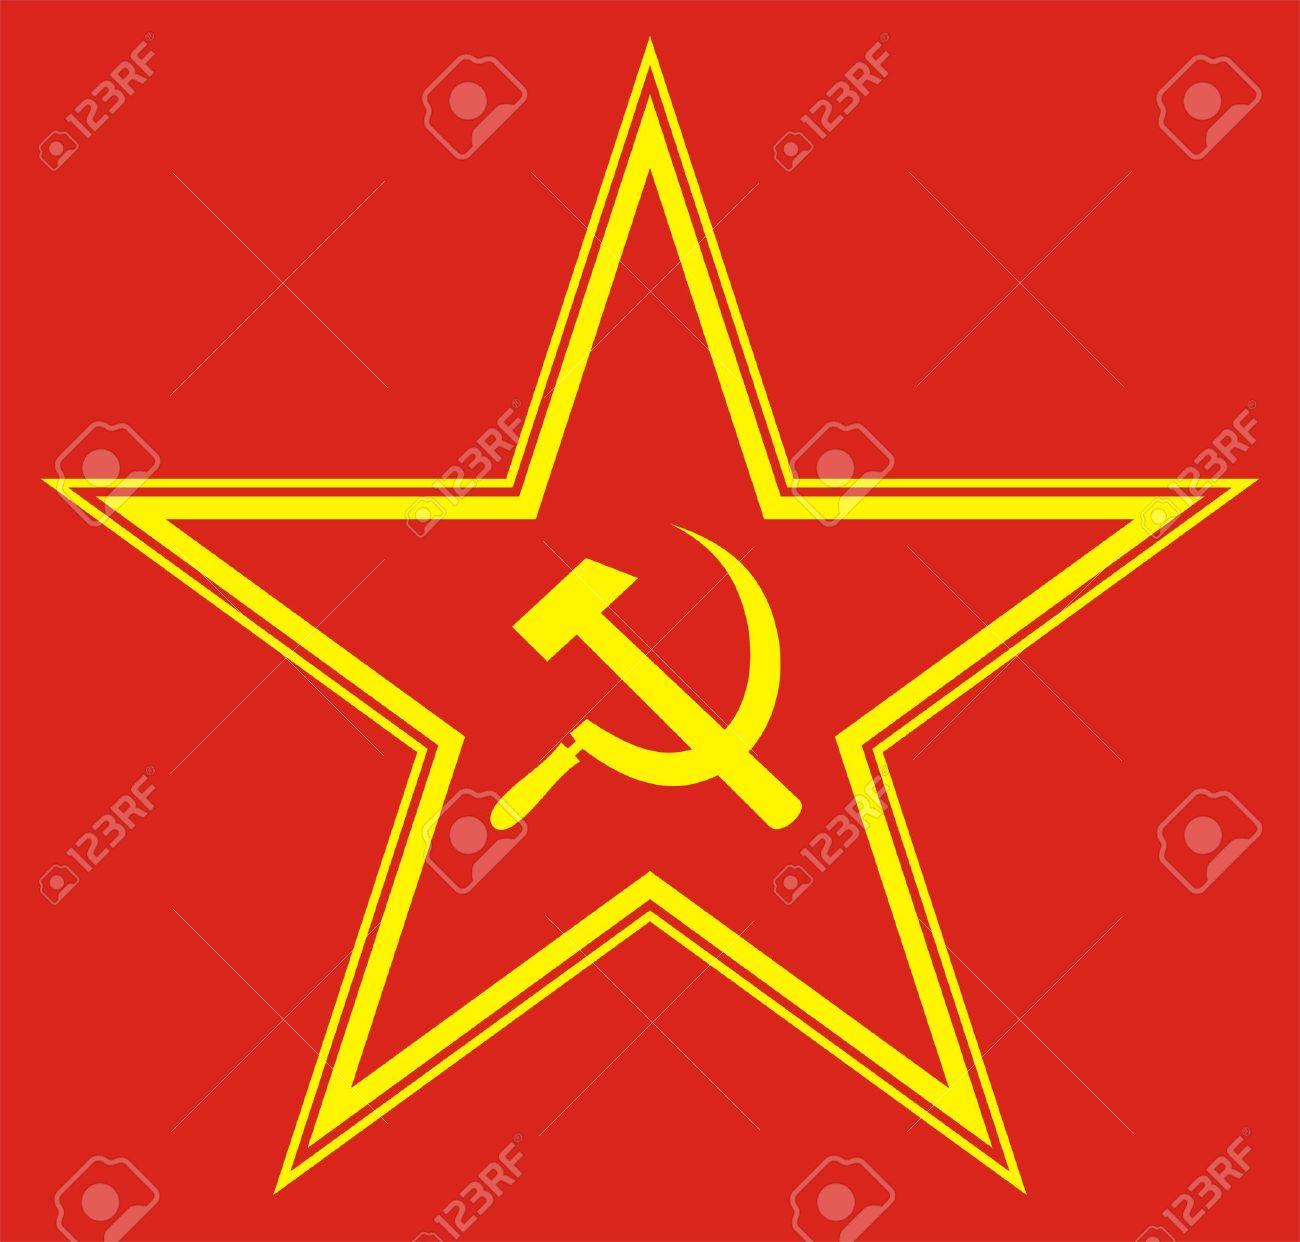 Communist Symbol Star Communist red star with hammer